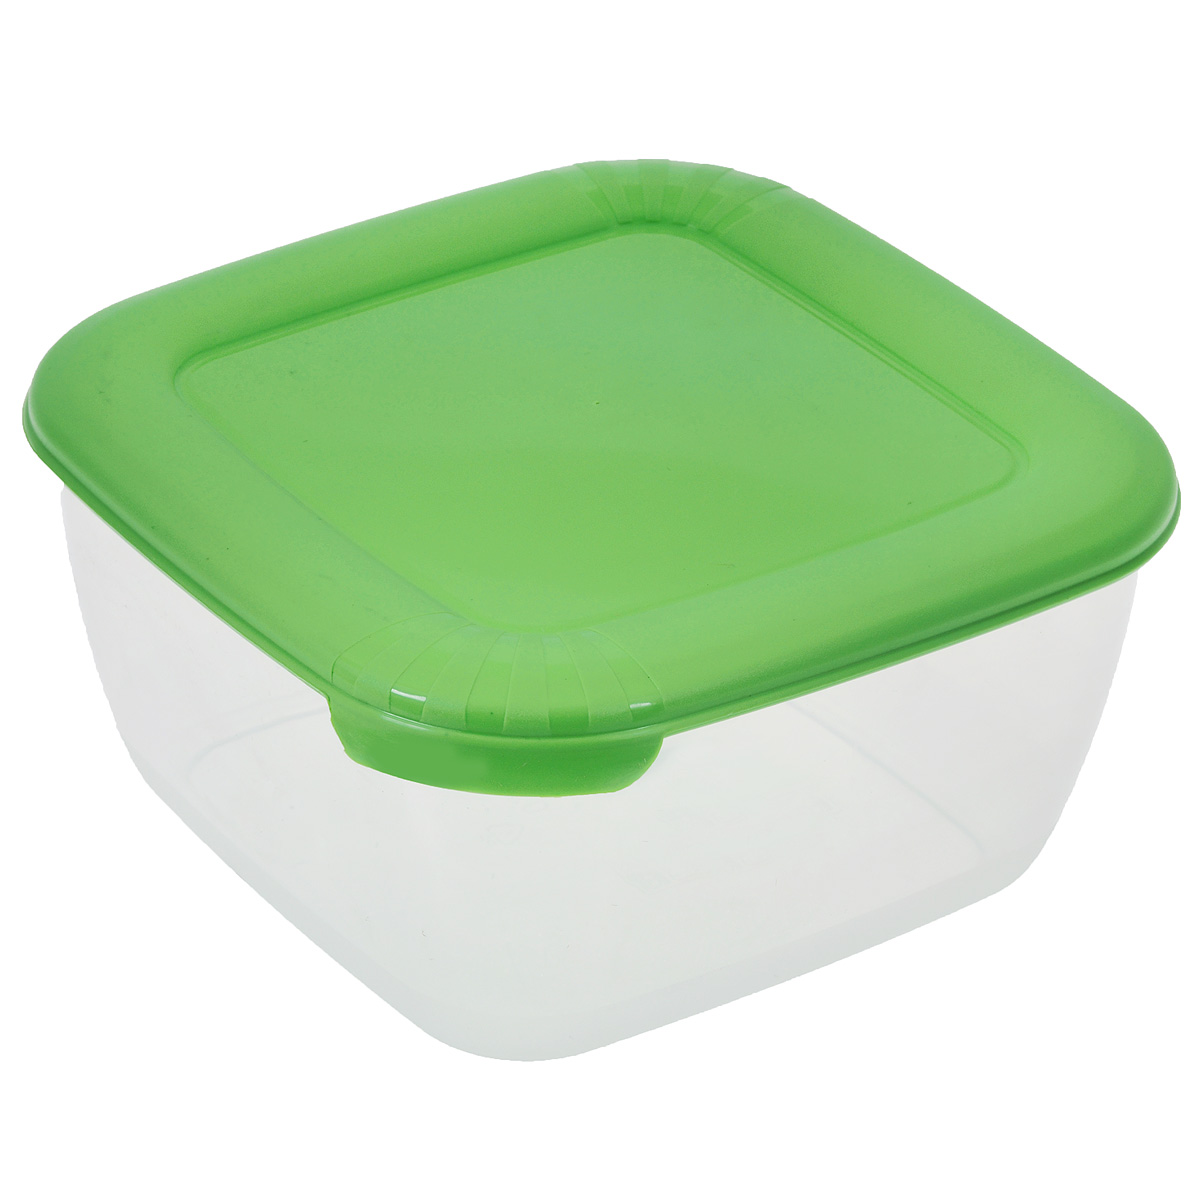 Контейнер для СВЧ Полимербыт Лайт, цвет: прозрачный, зеленый, 950 млМ 1201-З_зеленыйКонтейнер Полимербыт Лайт квадратной формы, изготовленный из прочного пластика, предназначен специально для хранения пищевых продуктов. Крышка легко открывается и плотно закрывается. Контейнер устойчив к воздействию масел и жиров, легко моется. Прозрачные стенки позволяют видеть содержимое. Контейнер имеет возможность хранения продуктов глубокой заморозки, обладаетвысокой прочностью.Можно мыть в посудомоечной машине. Контейнер подходит для использования в микроволновой печи без крышки, а также для заморозки в морозильной камере.